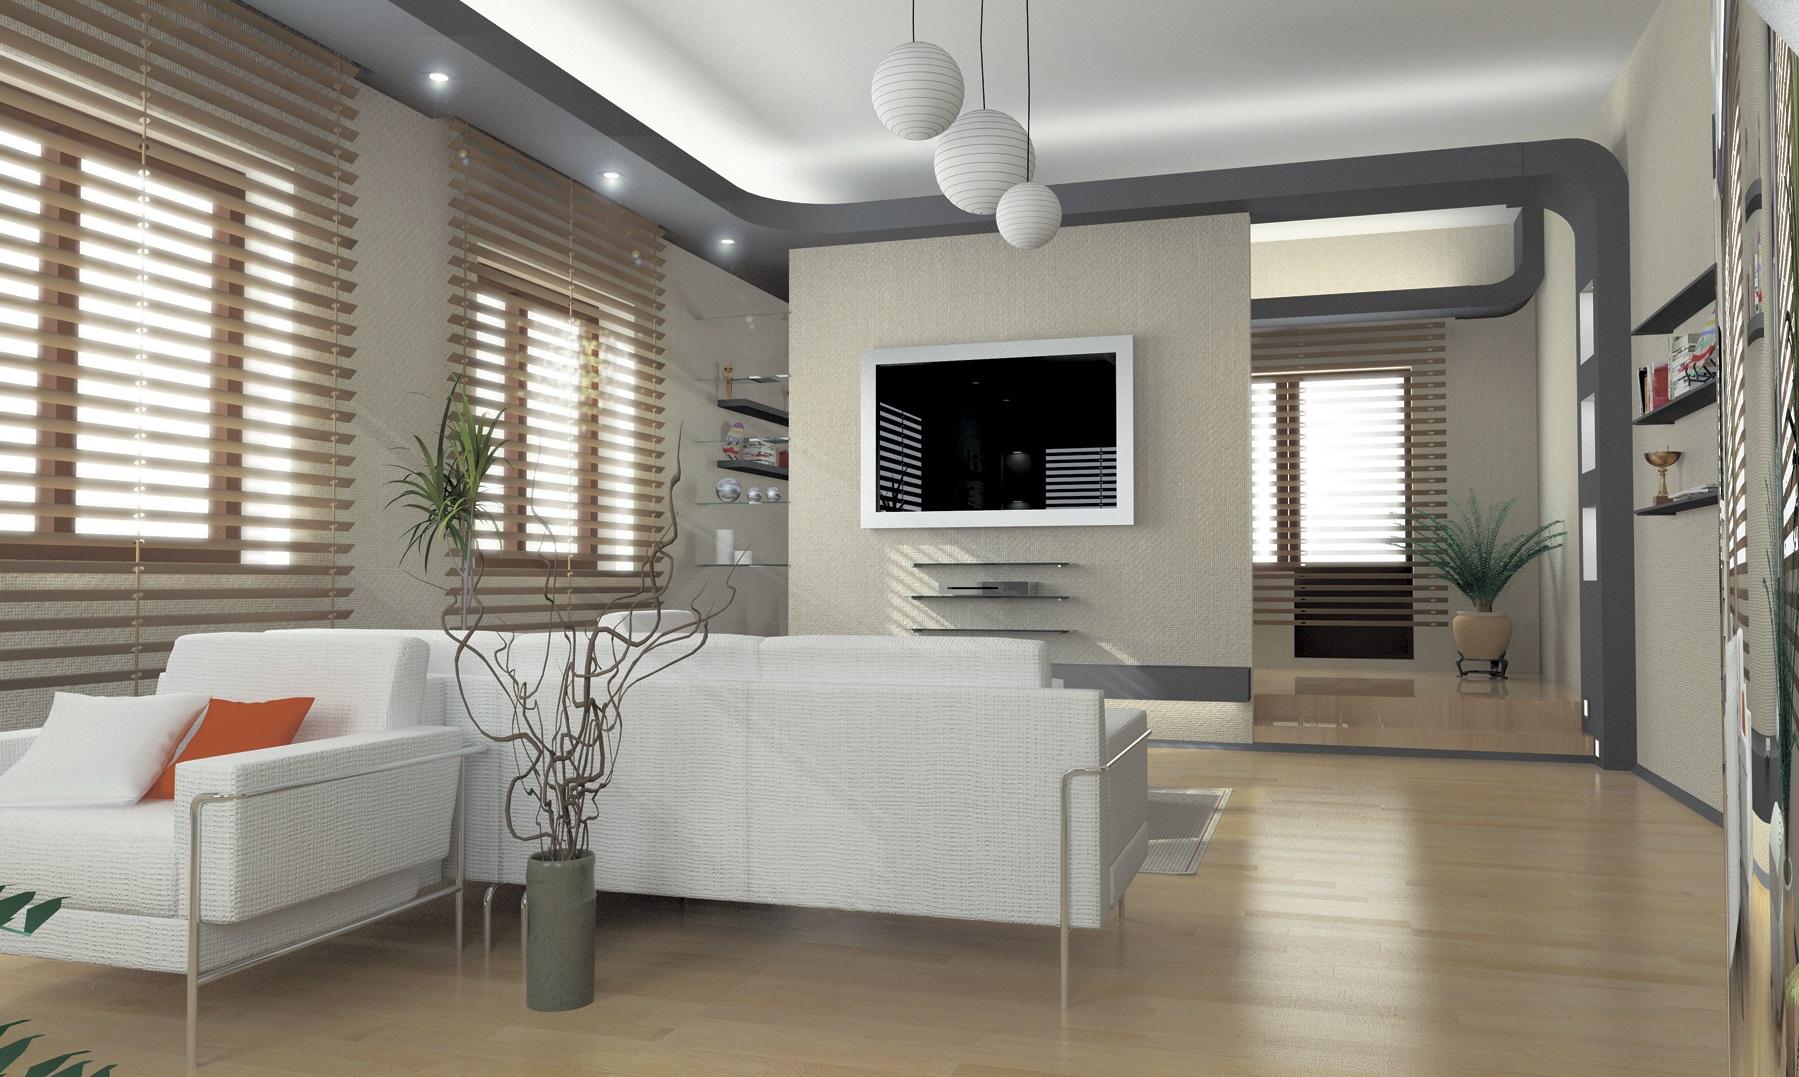 Serramenti e finestre in pvc la scelta giusta ideal sistem serramenti in pvc - Serramenti e finestre ...